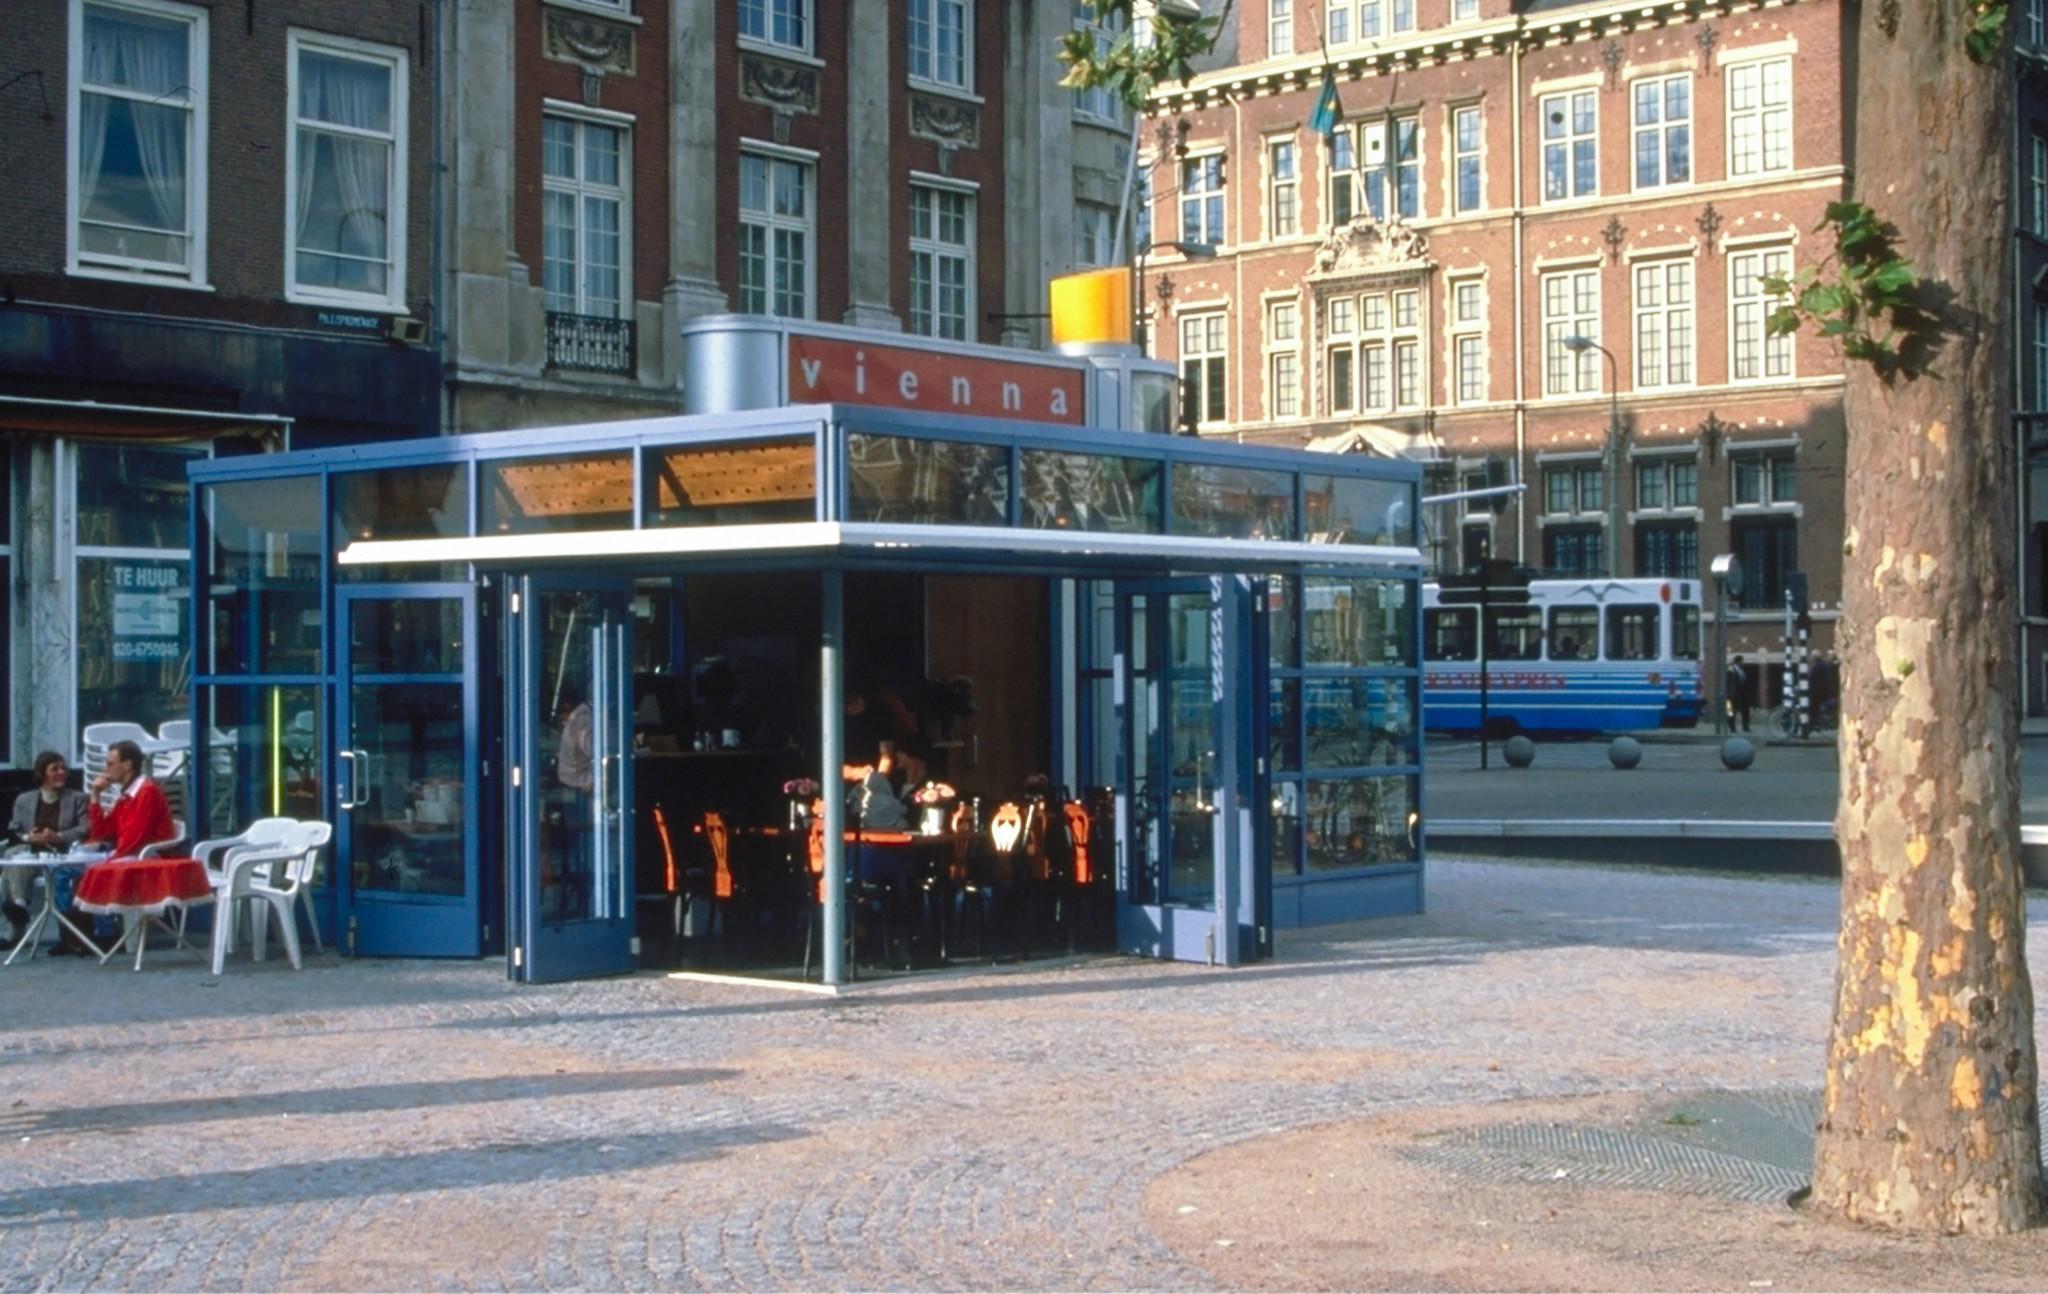 De Ontwerpwerkplaats, Gijs Niemeijer, Floor van Ditzhuyzen, Kiosken Haagse Stijl, ontwerp straatmeubilair, straatmeubilair haagse stijl, Gijs Niemeijer, ontwerp kiosk ,